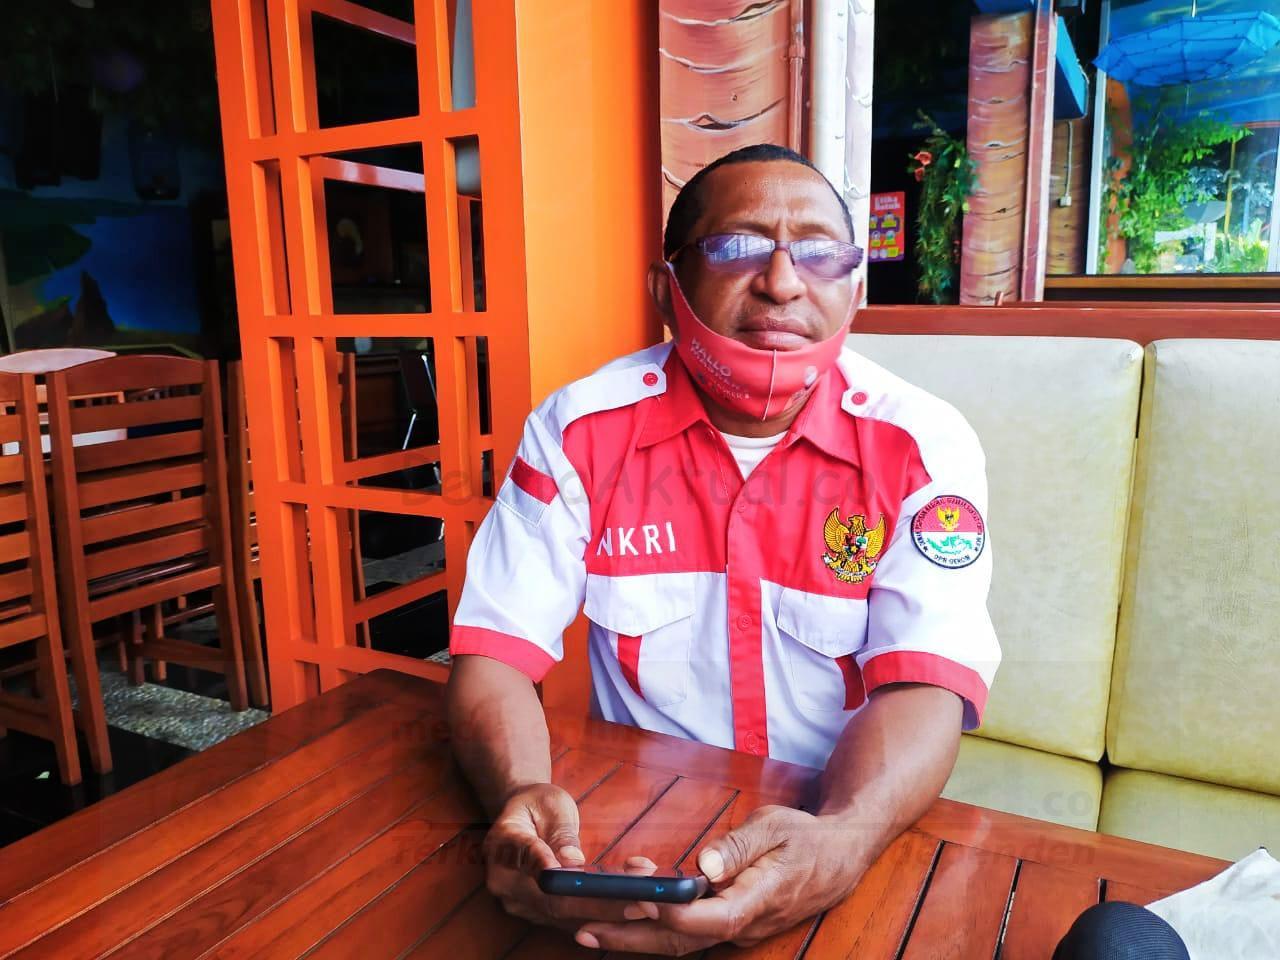 Sesalkan Aksi HUT West Papua, Ketua Gercin PB: Generasi Muda Jangan Terjebak Isu Papua Merdeka 1 IMG 20201127 WA0043